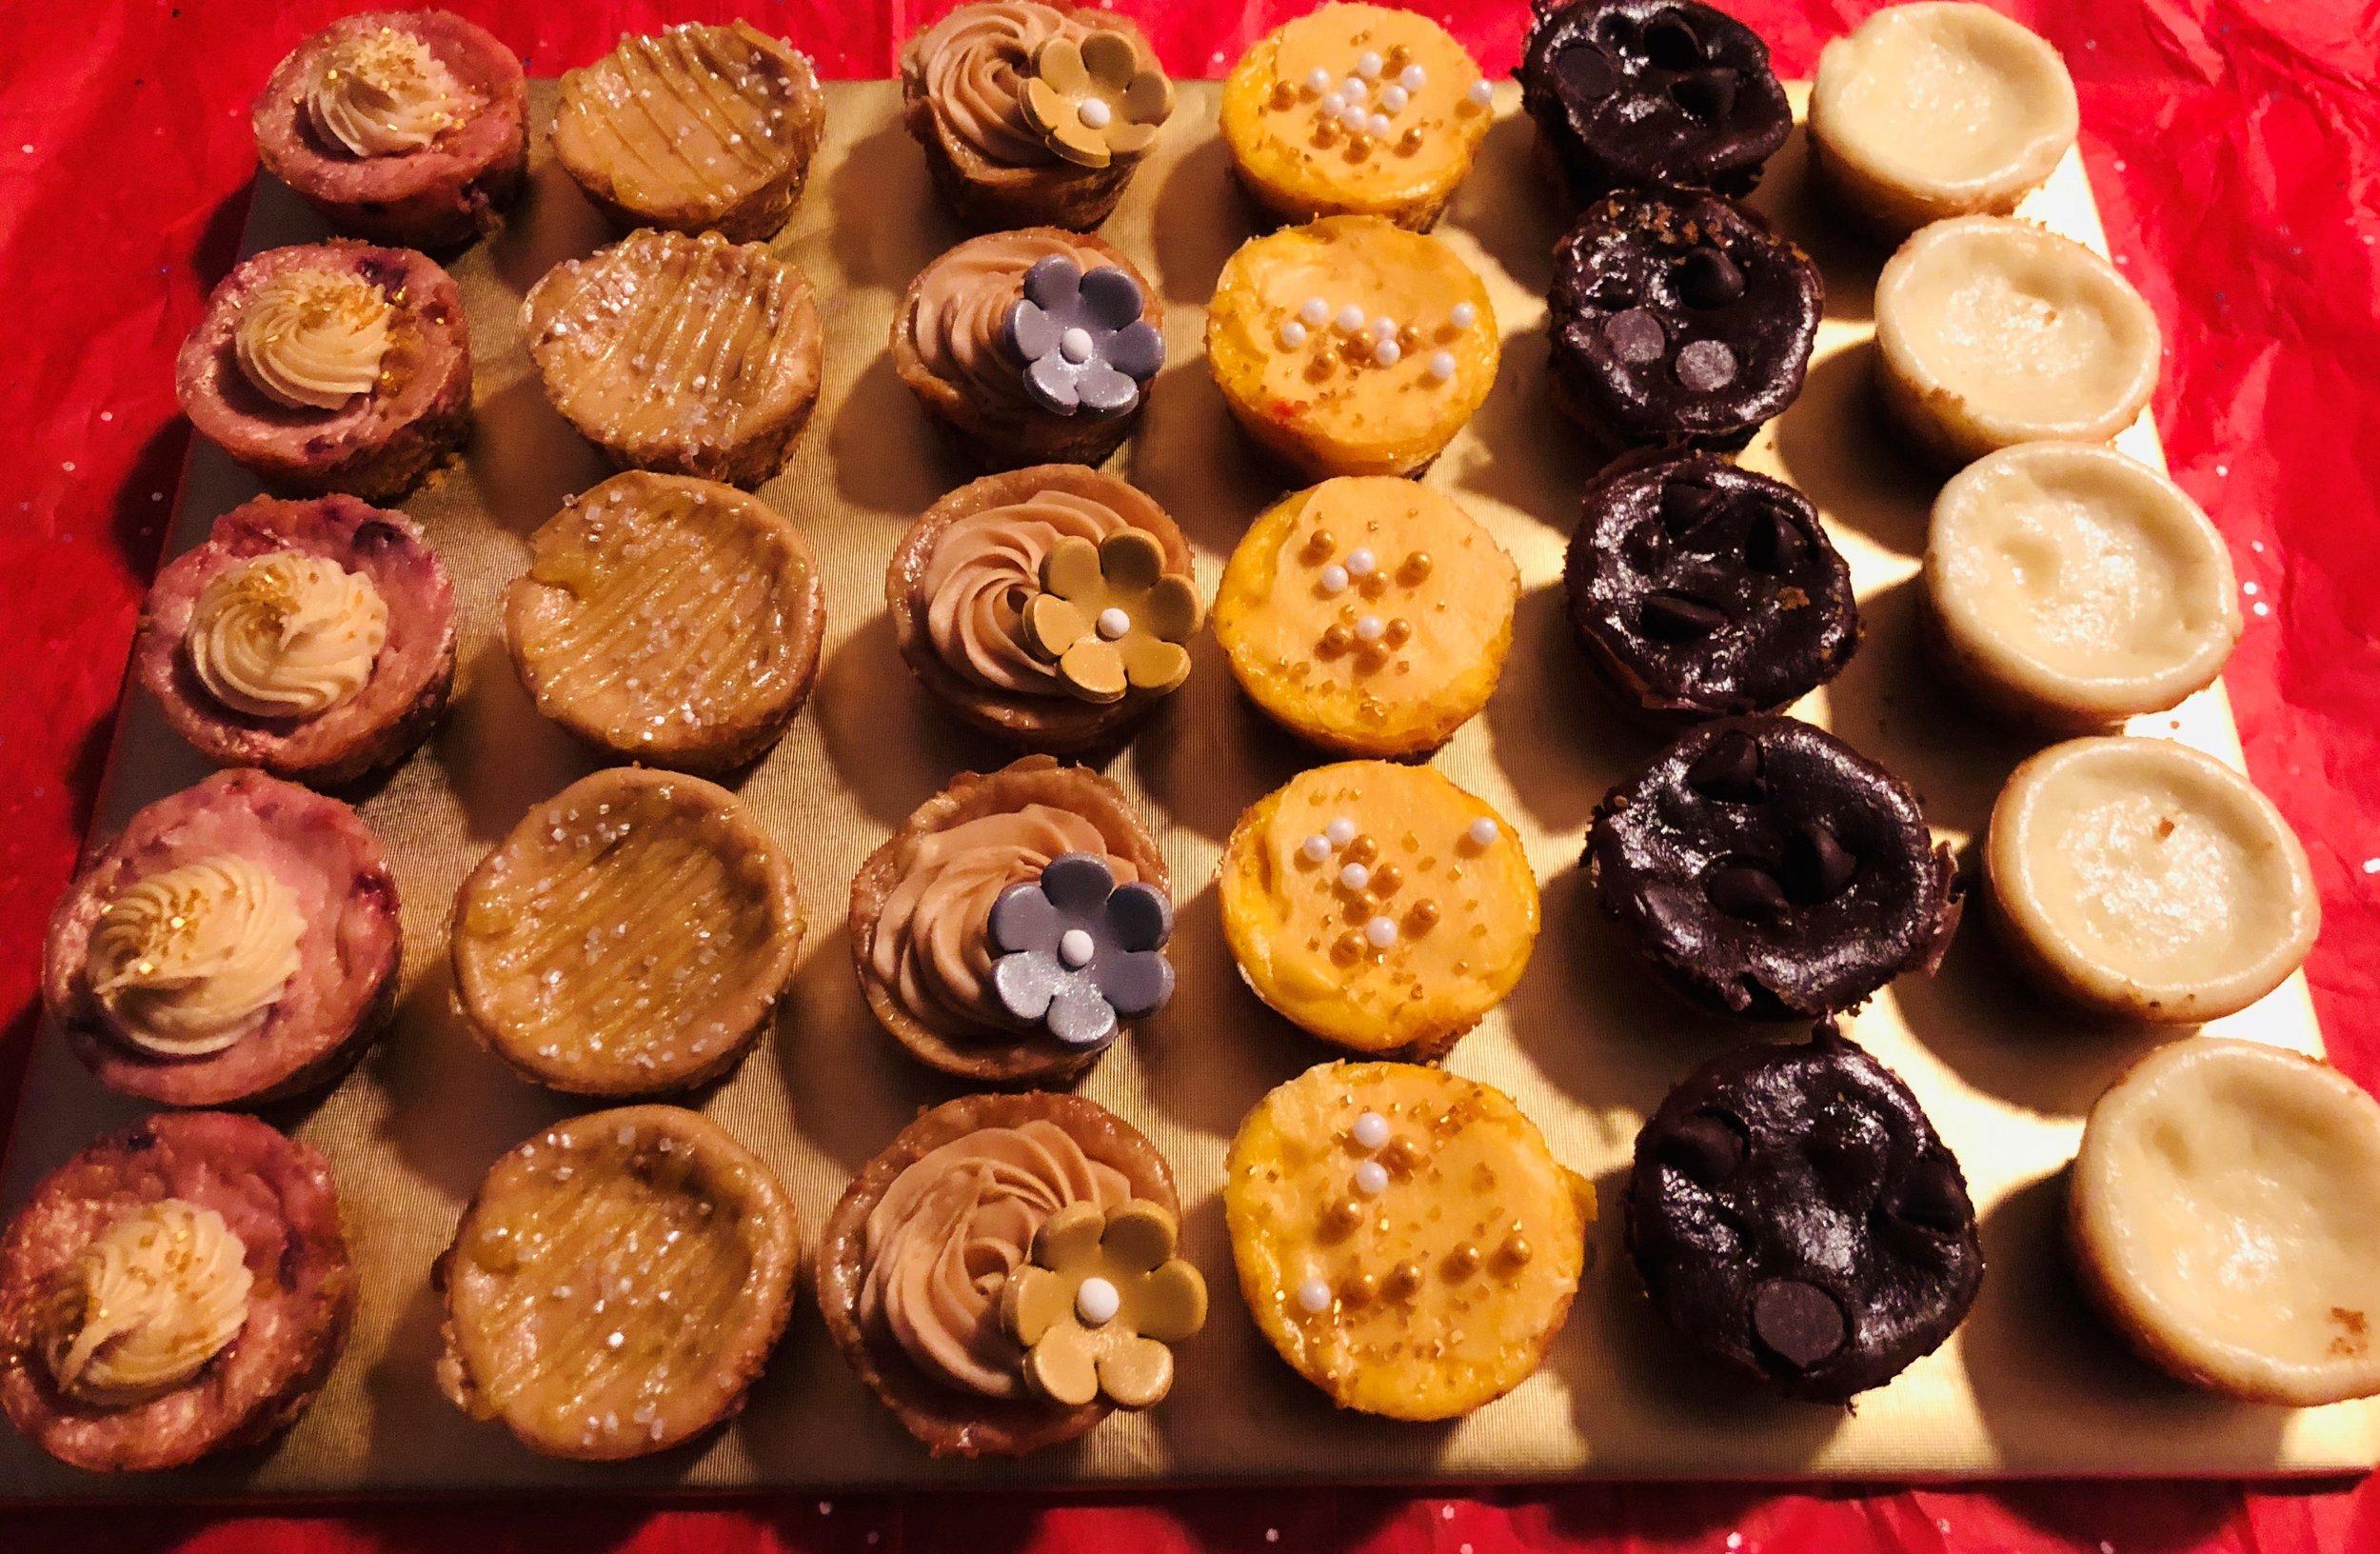 Cheesecake bites 1.jpg